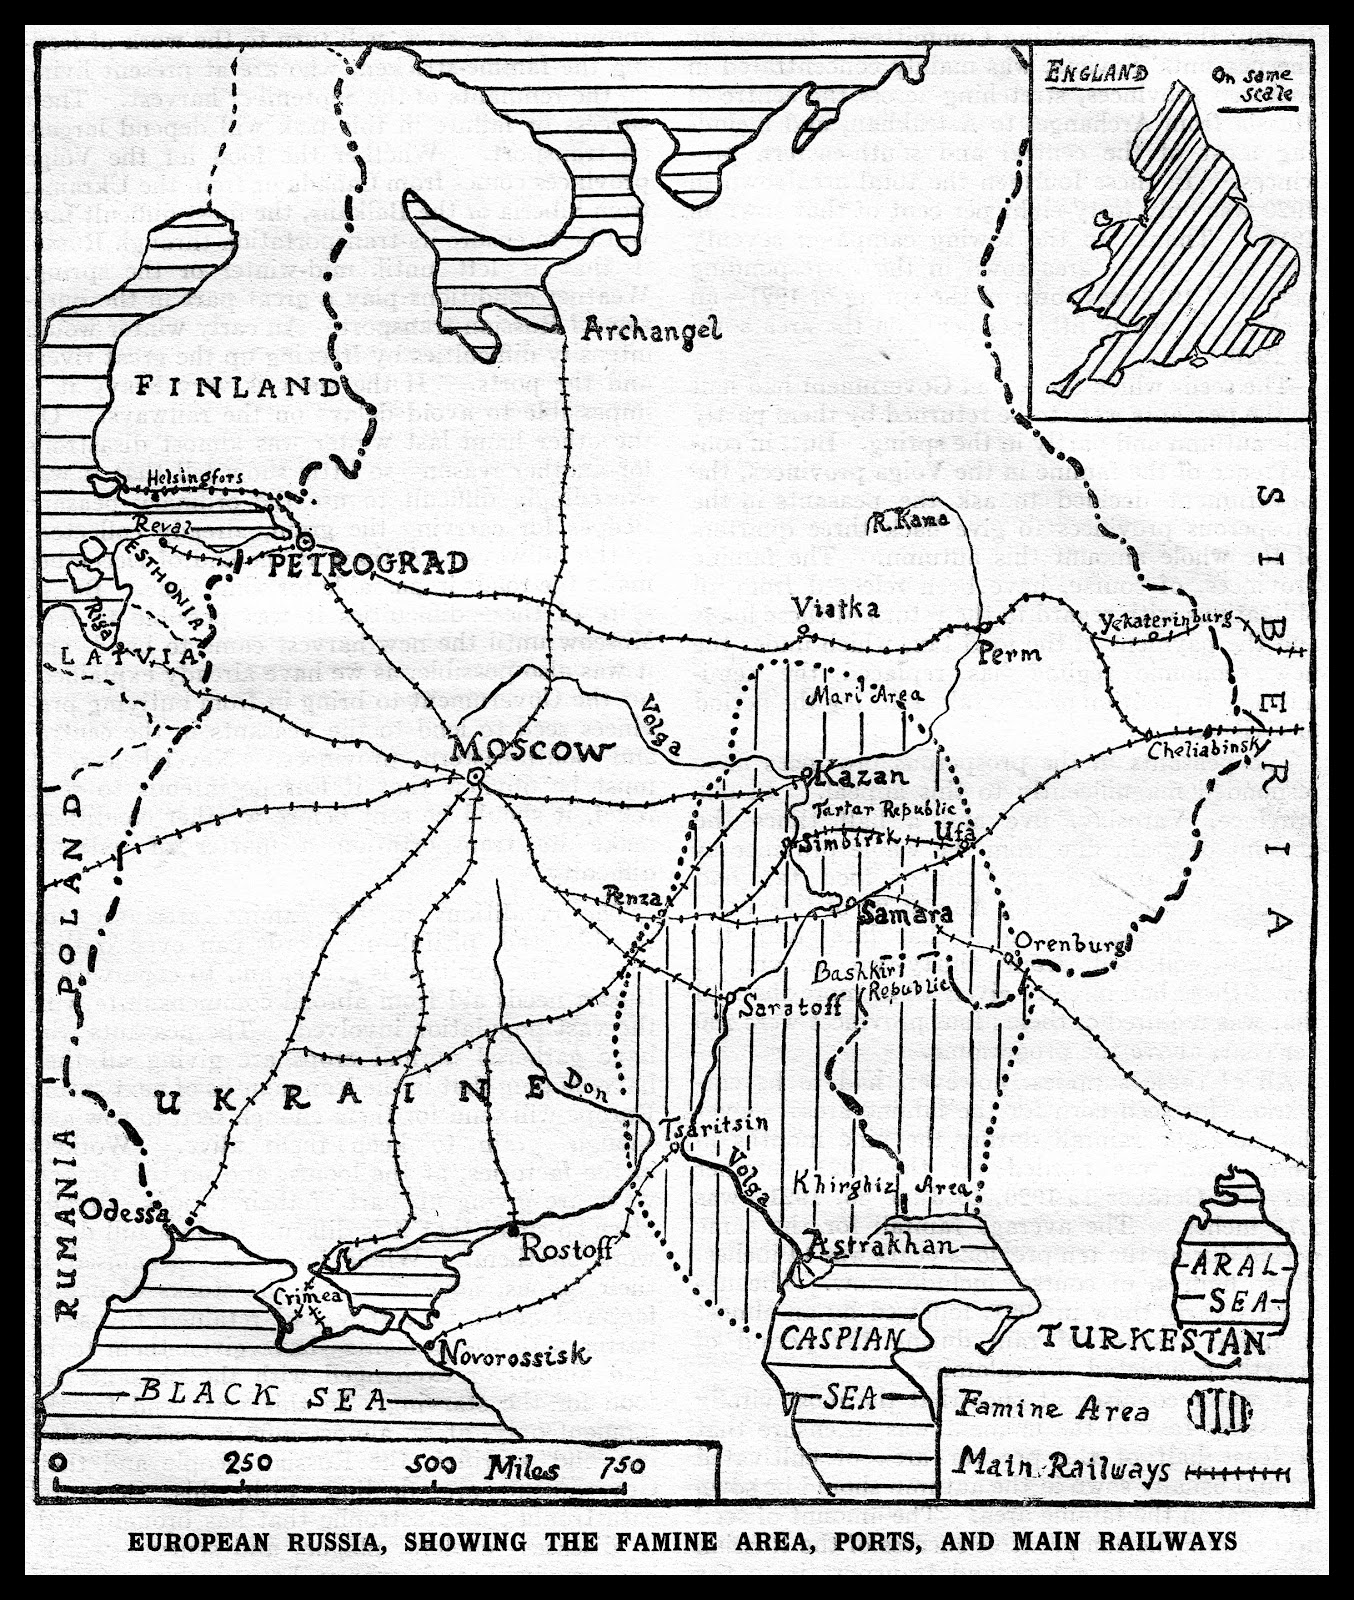 SMARAKA GRANTHA: Rabindranath and Famine in Russia-1921